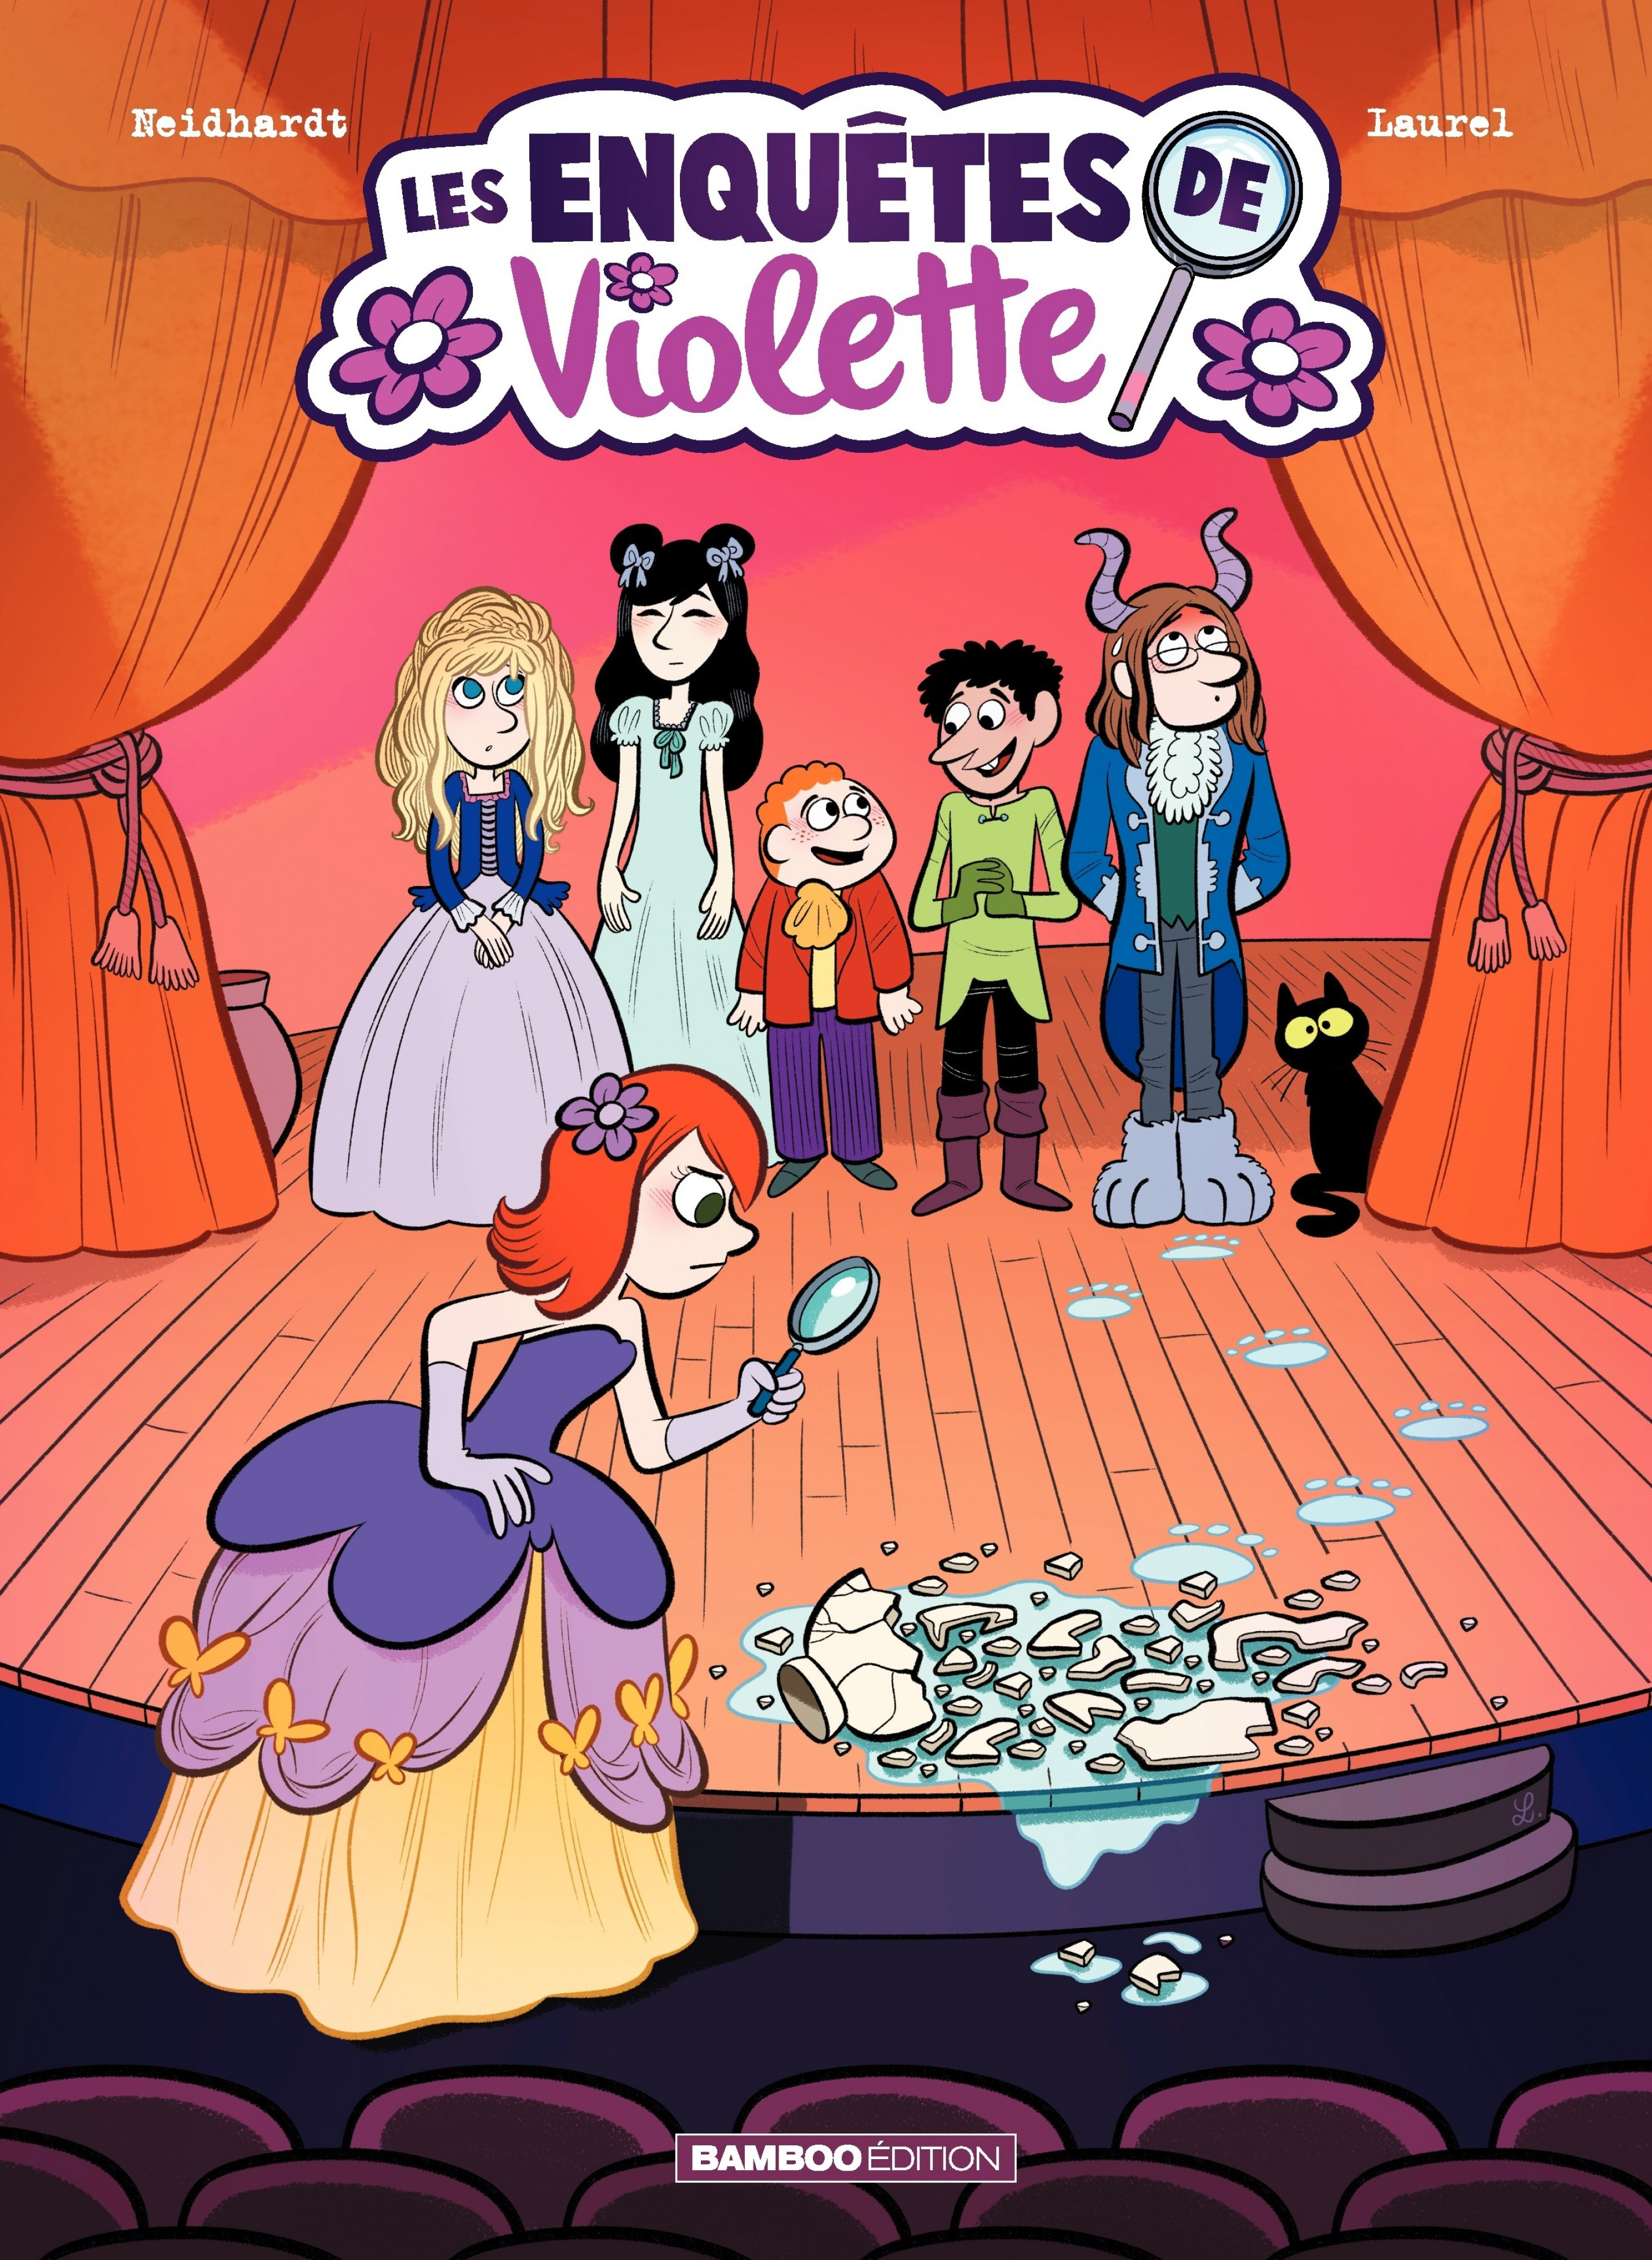 LES ENQUETES DE VIOLETTE - TOME 3